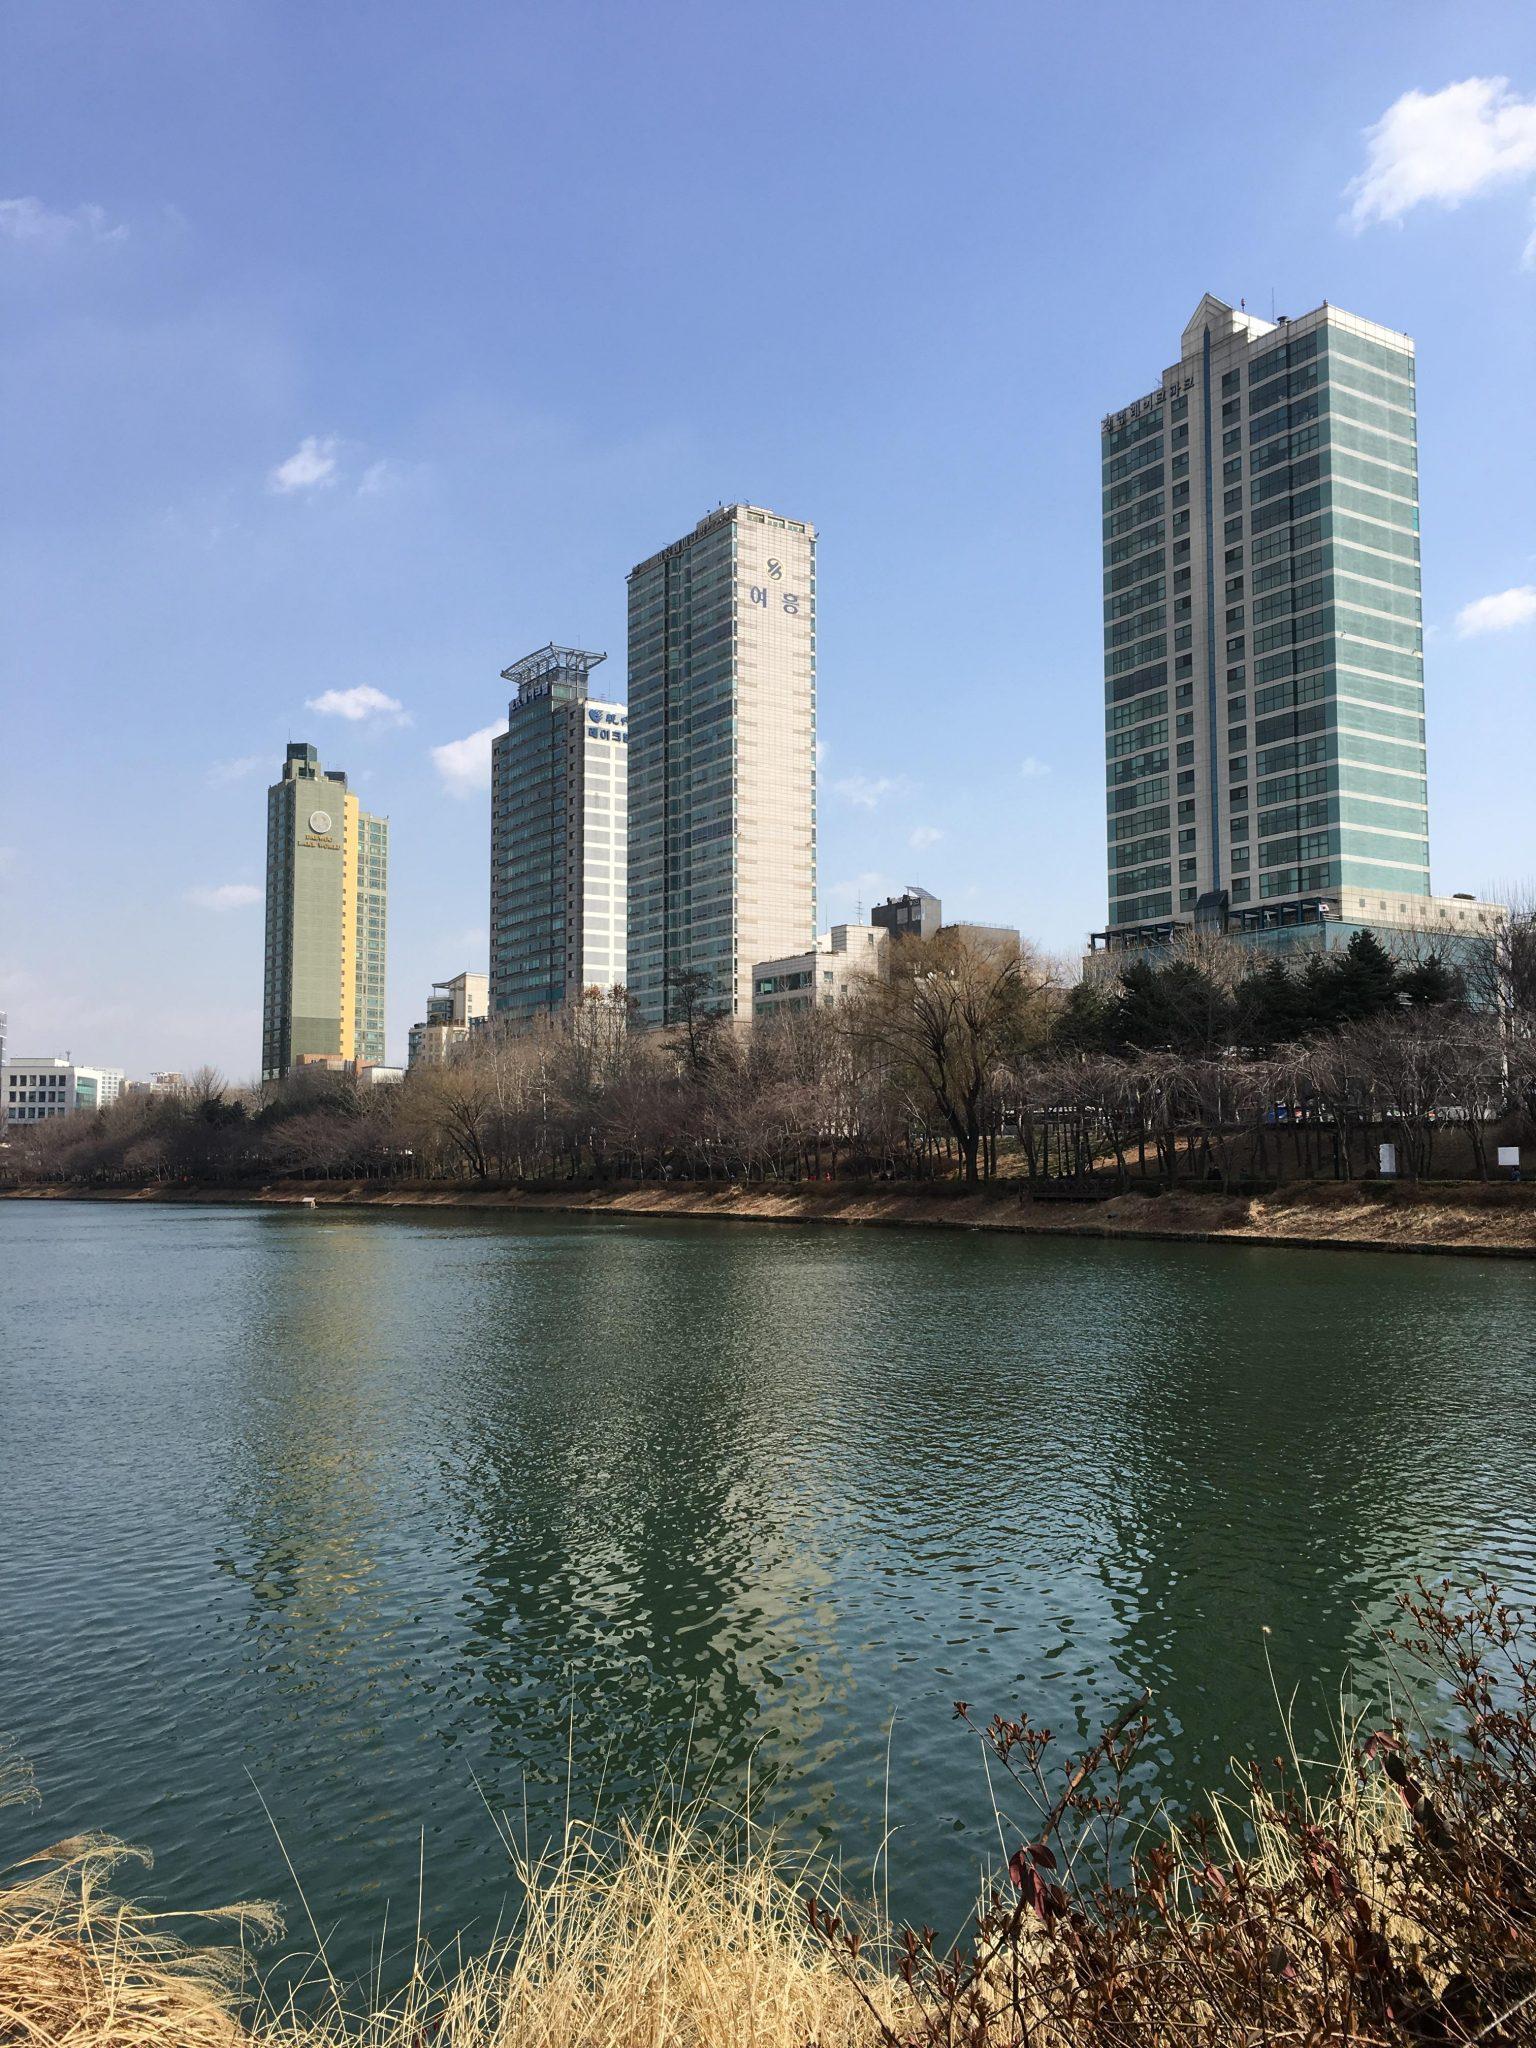 석촌호수 여흥 아파트